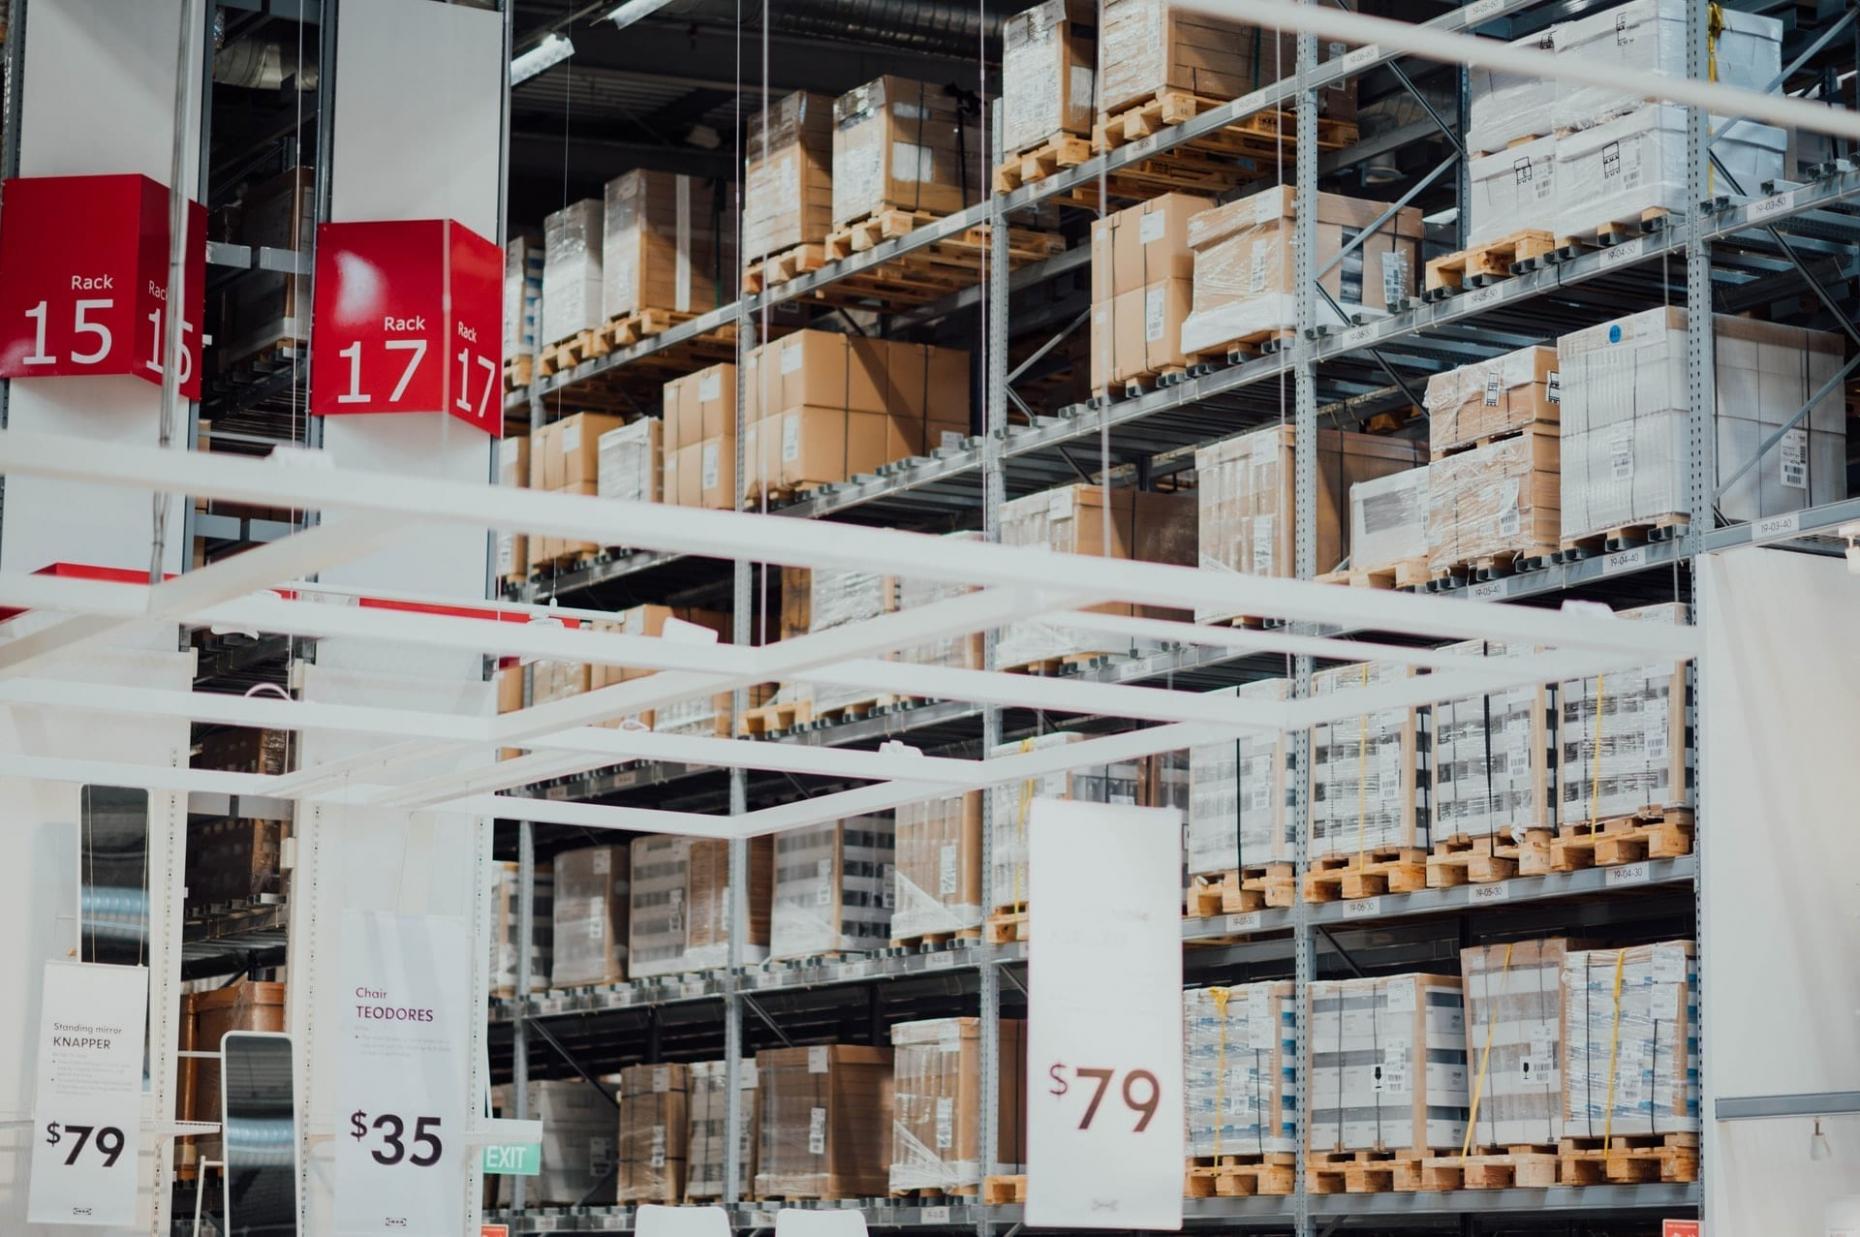 Photo d'en entrepôt d'un magasin de meubles, on y voit le prix des meubles et le numéro des rangées